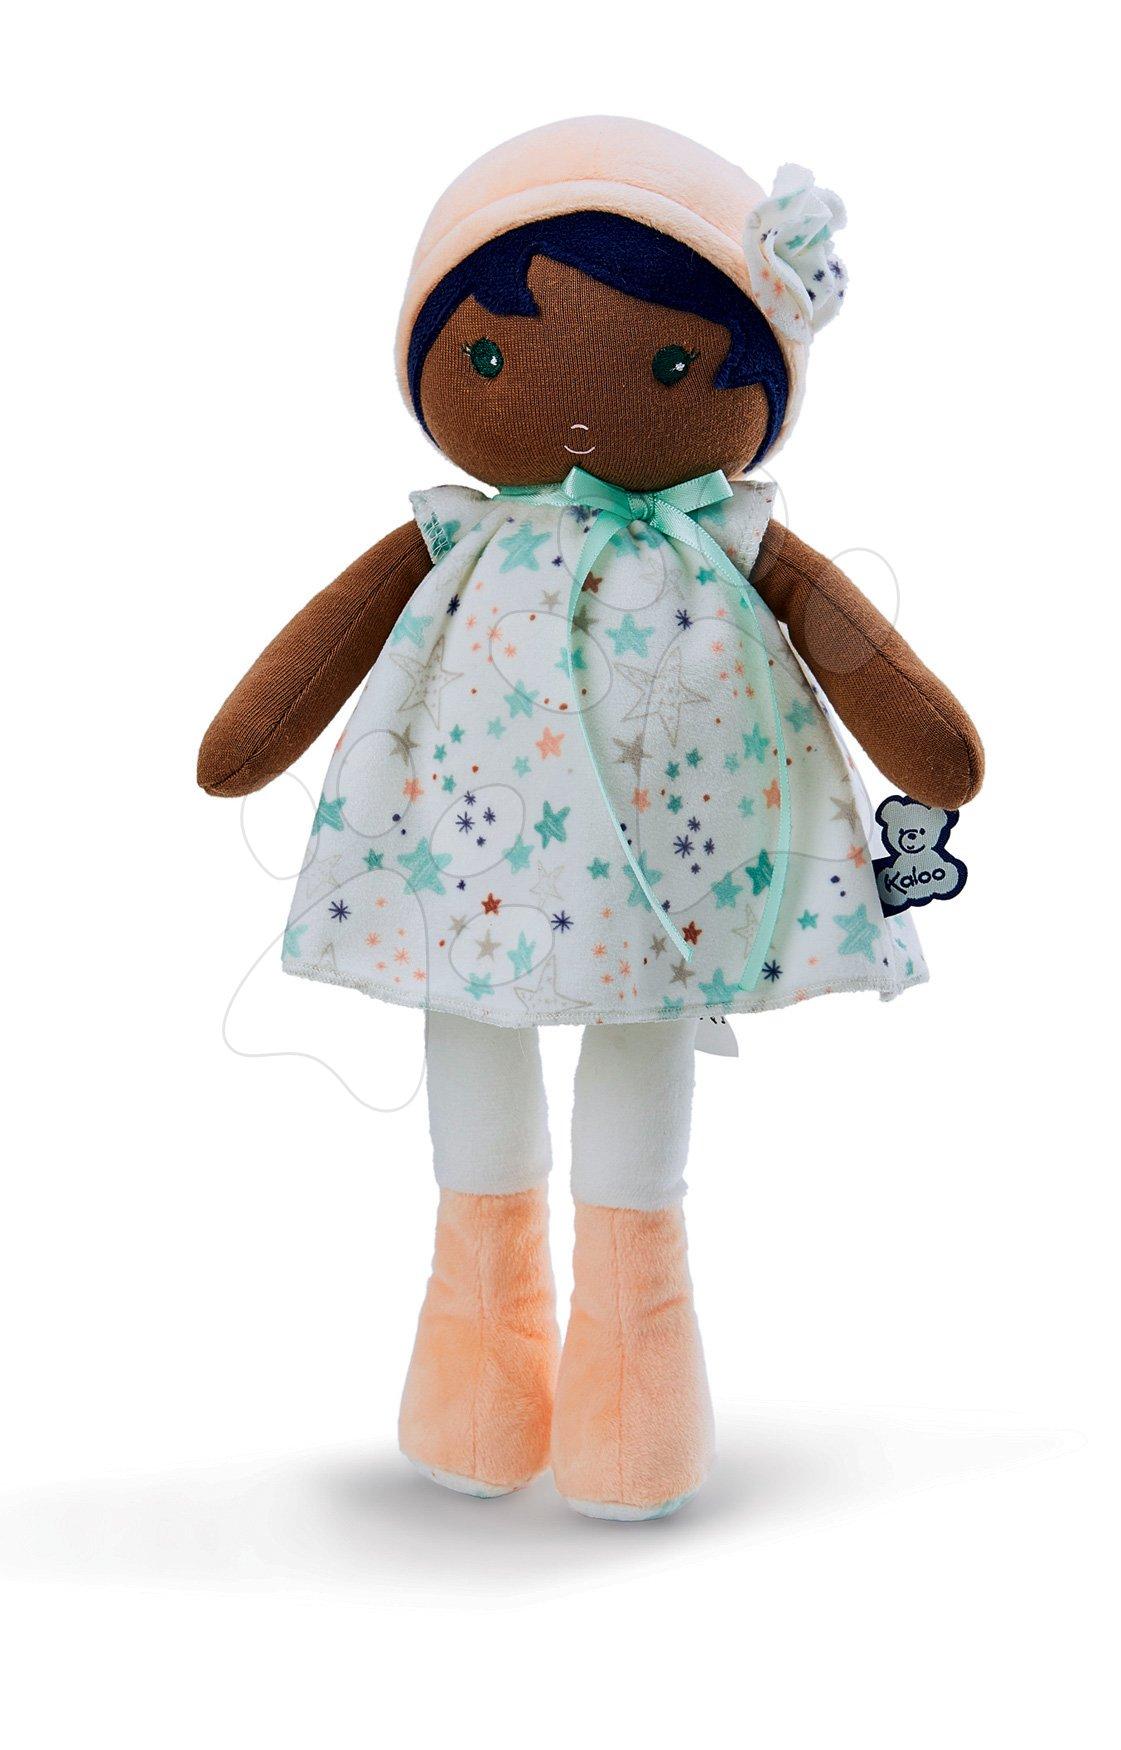 Bábika pre bábätká Manon K Tendresse Kaloo 25 cm v hviezdičkových šatách z jemného textilu v darčekovom balení od 0 mes